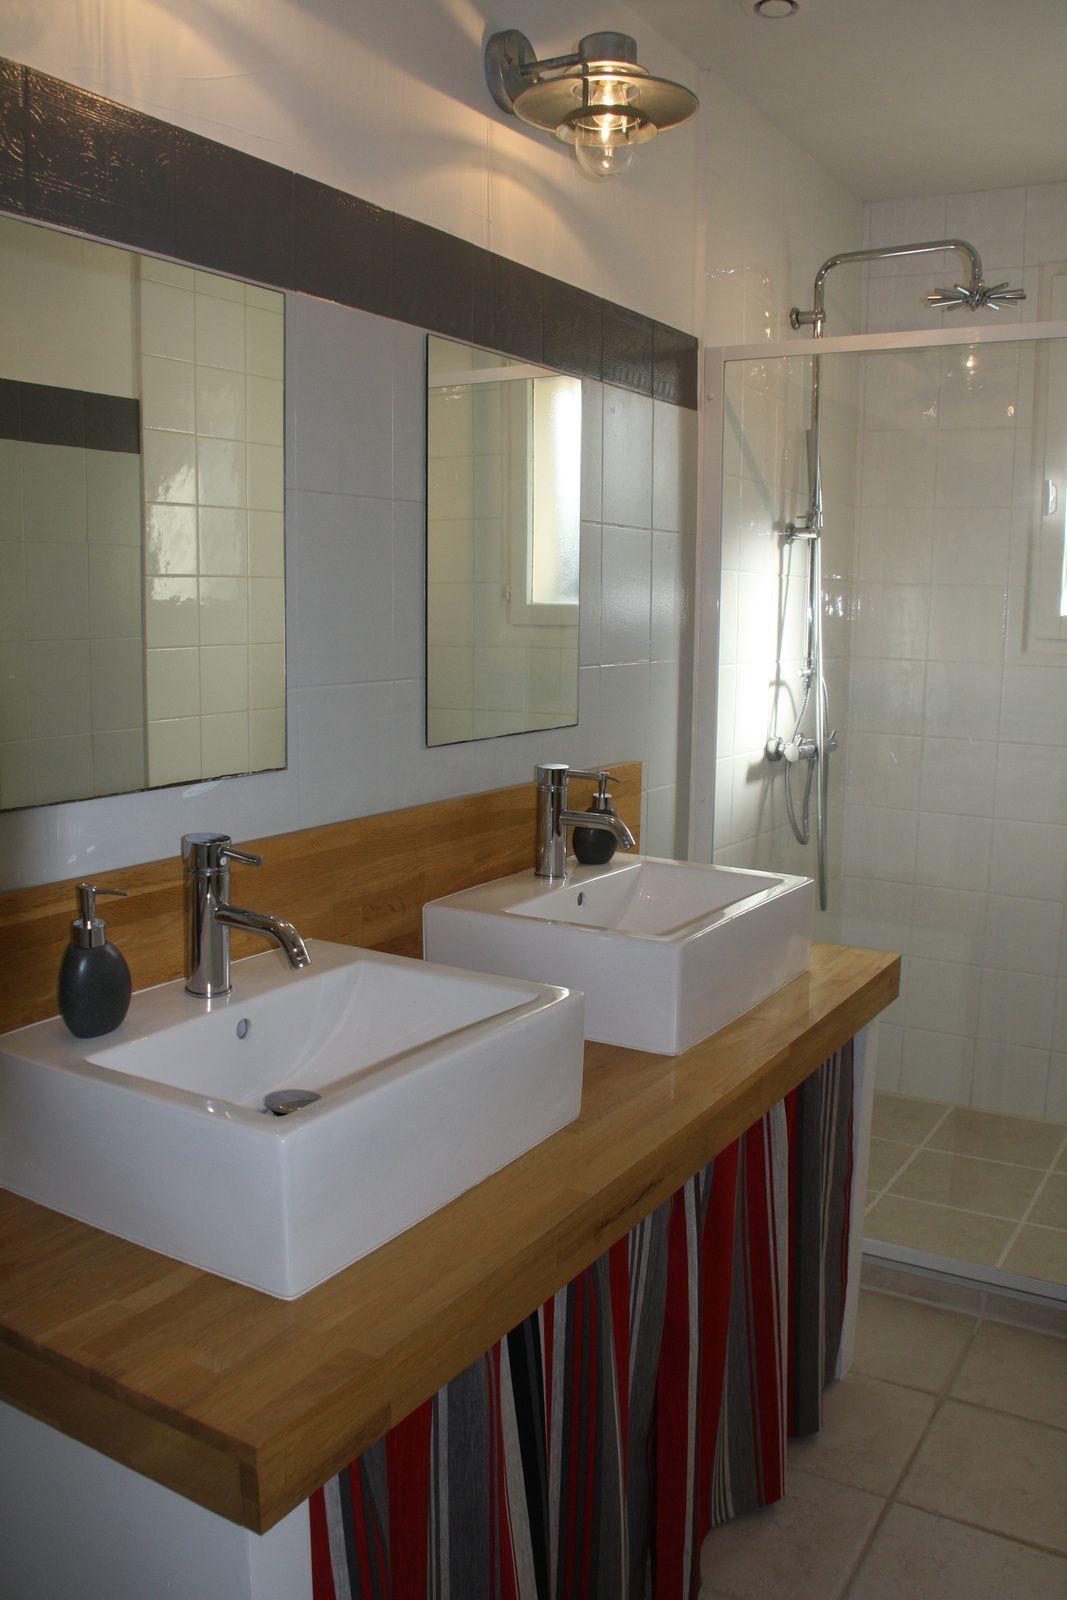 Rafra chissement d 39 une salle de bain et d 39 un wc atelier 12 23 - Cout d une salle de bain ...